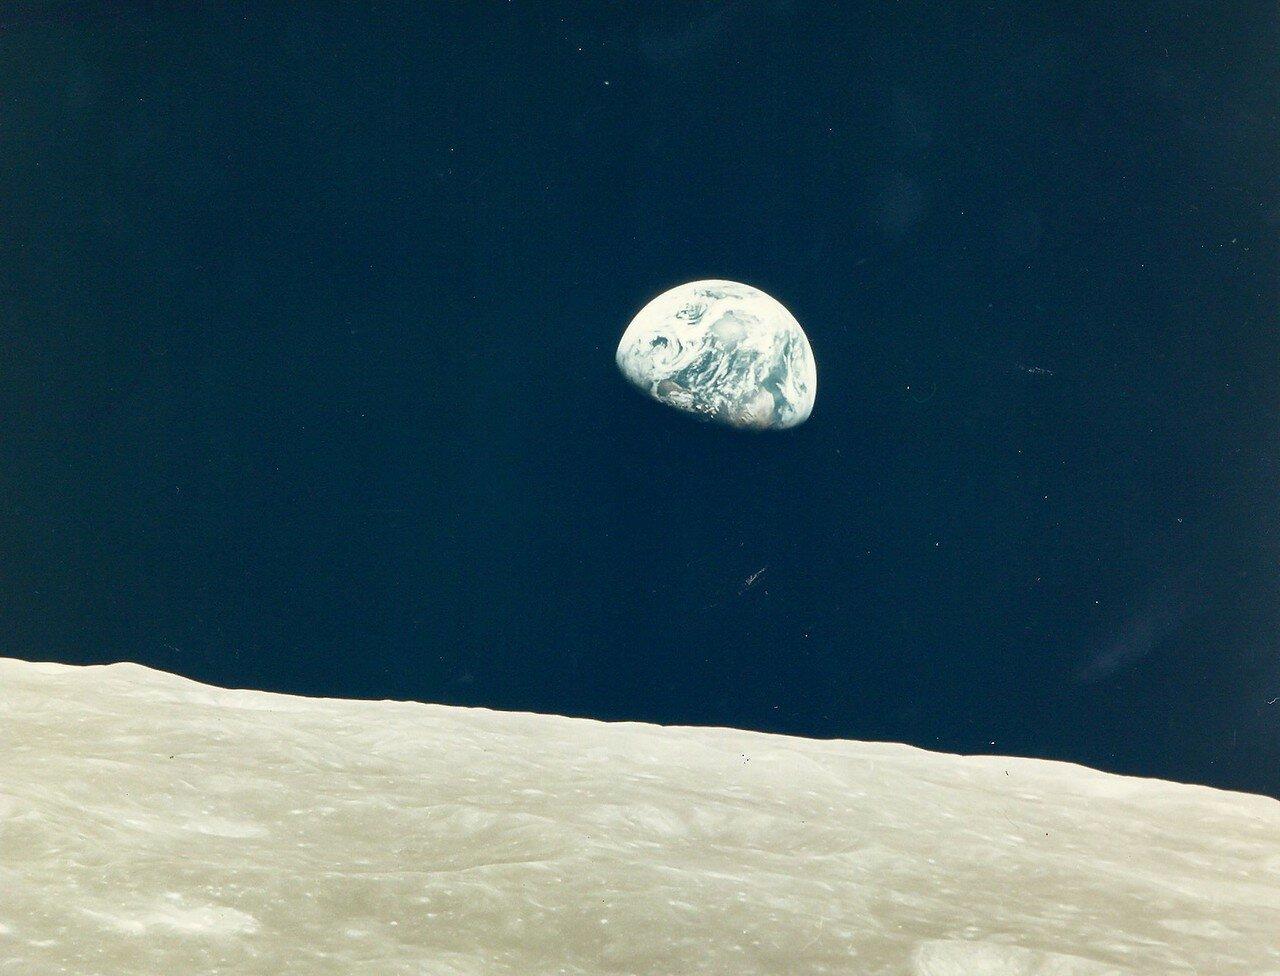 1968. декабрь. Первый восход Земли, снятый живым человеком